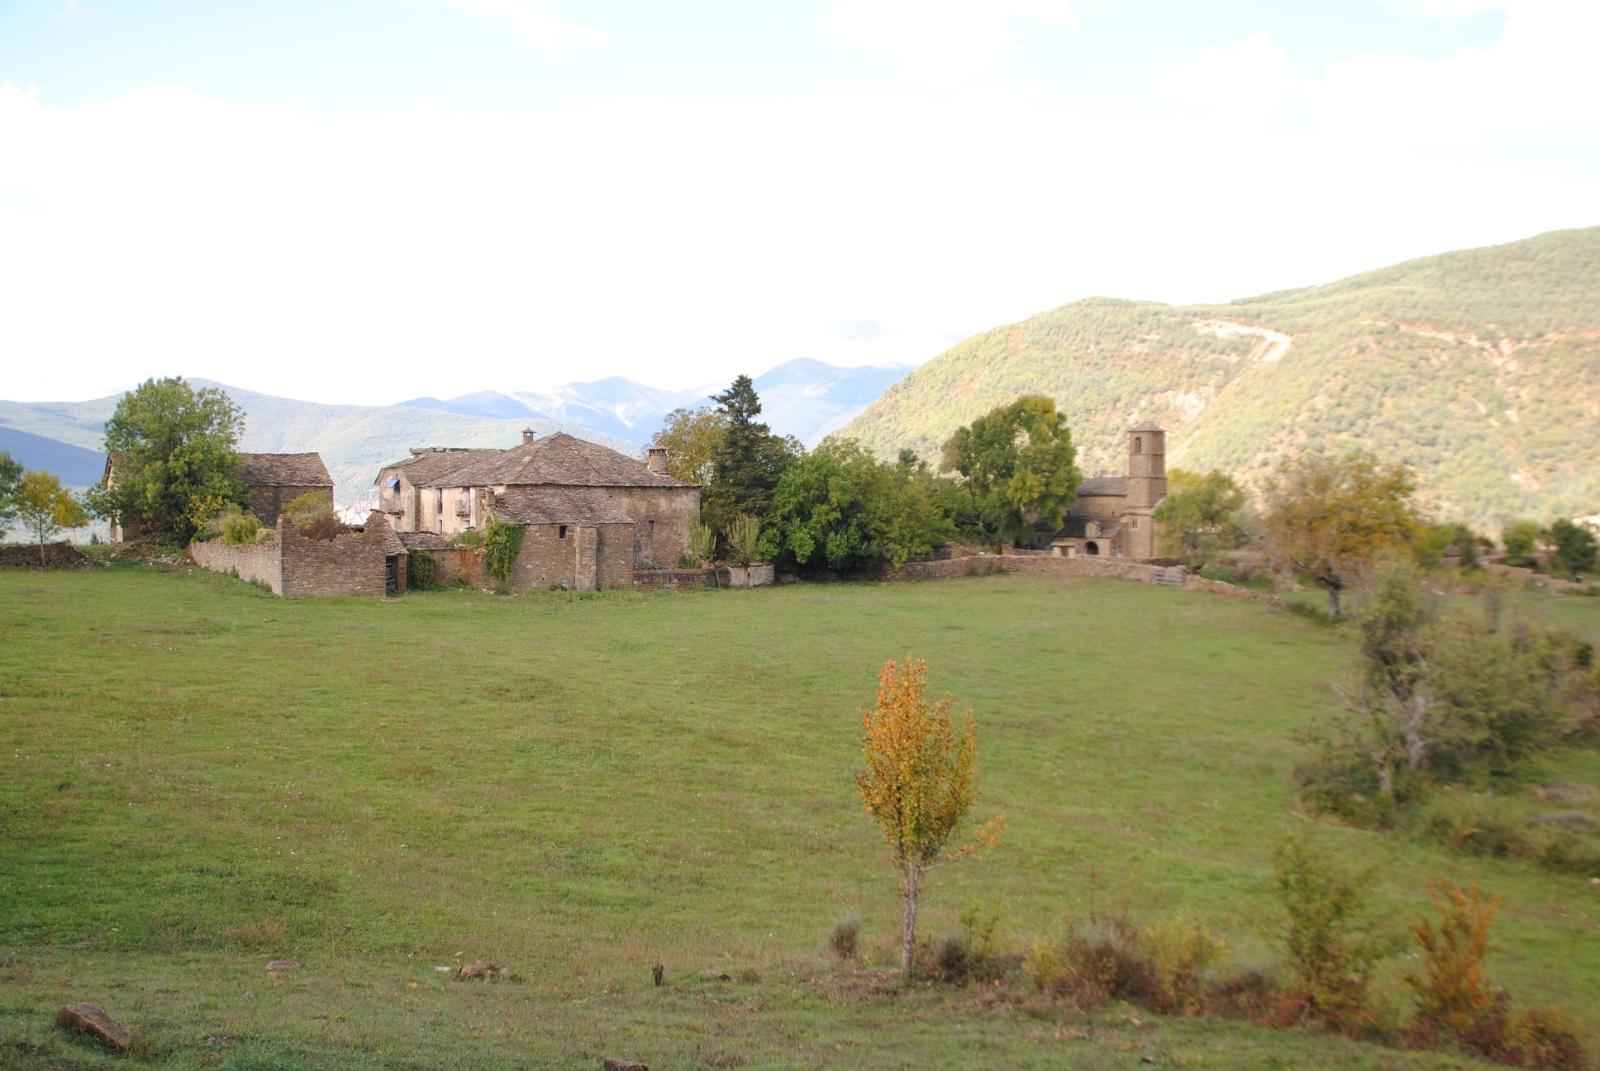 In den Pyrenäen kommt man regelmäßig an verlassenen Dörfern vorbei, die oftmals mit viel Liebe vor dem Verfall bewahrt werden.